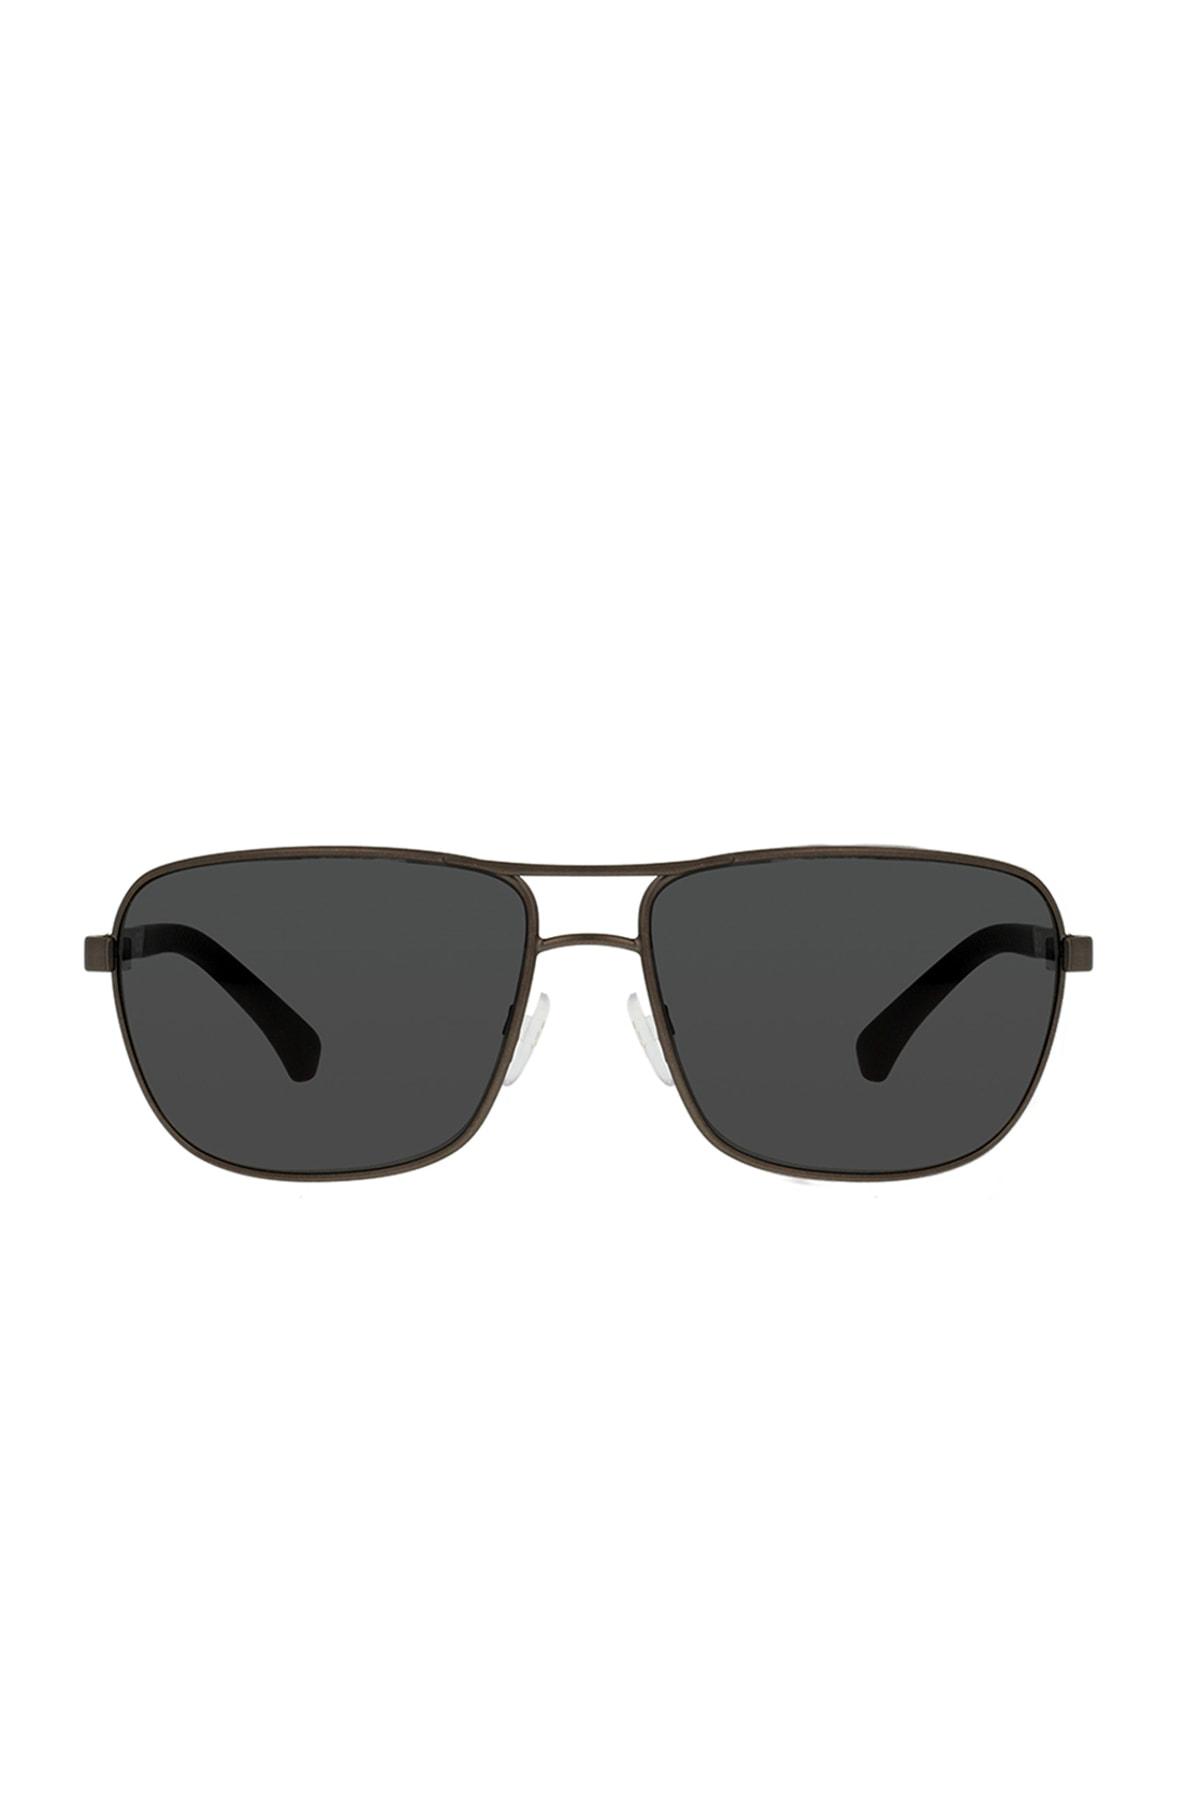 عینک دودی ساده برند امپریو آرمانی کد ty3227112